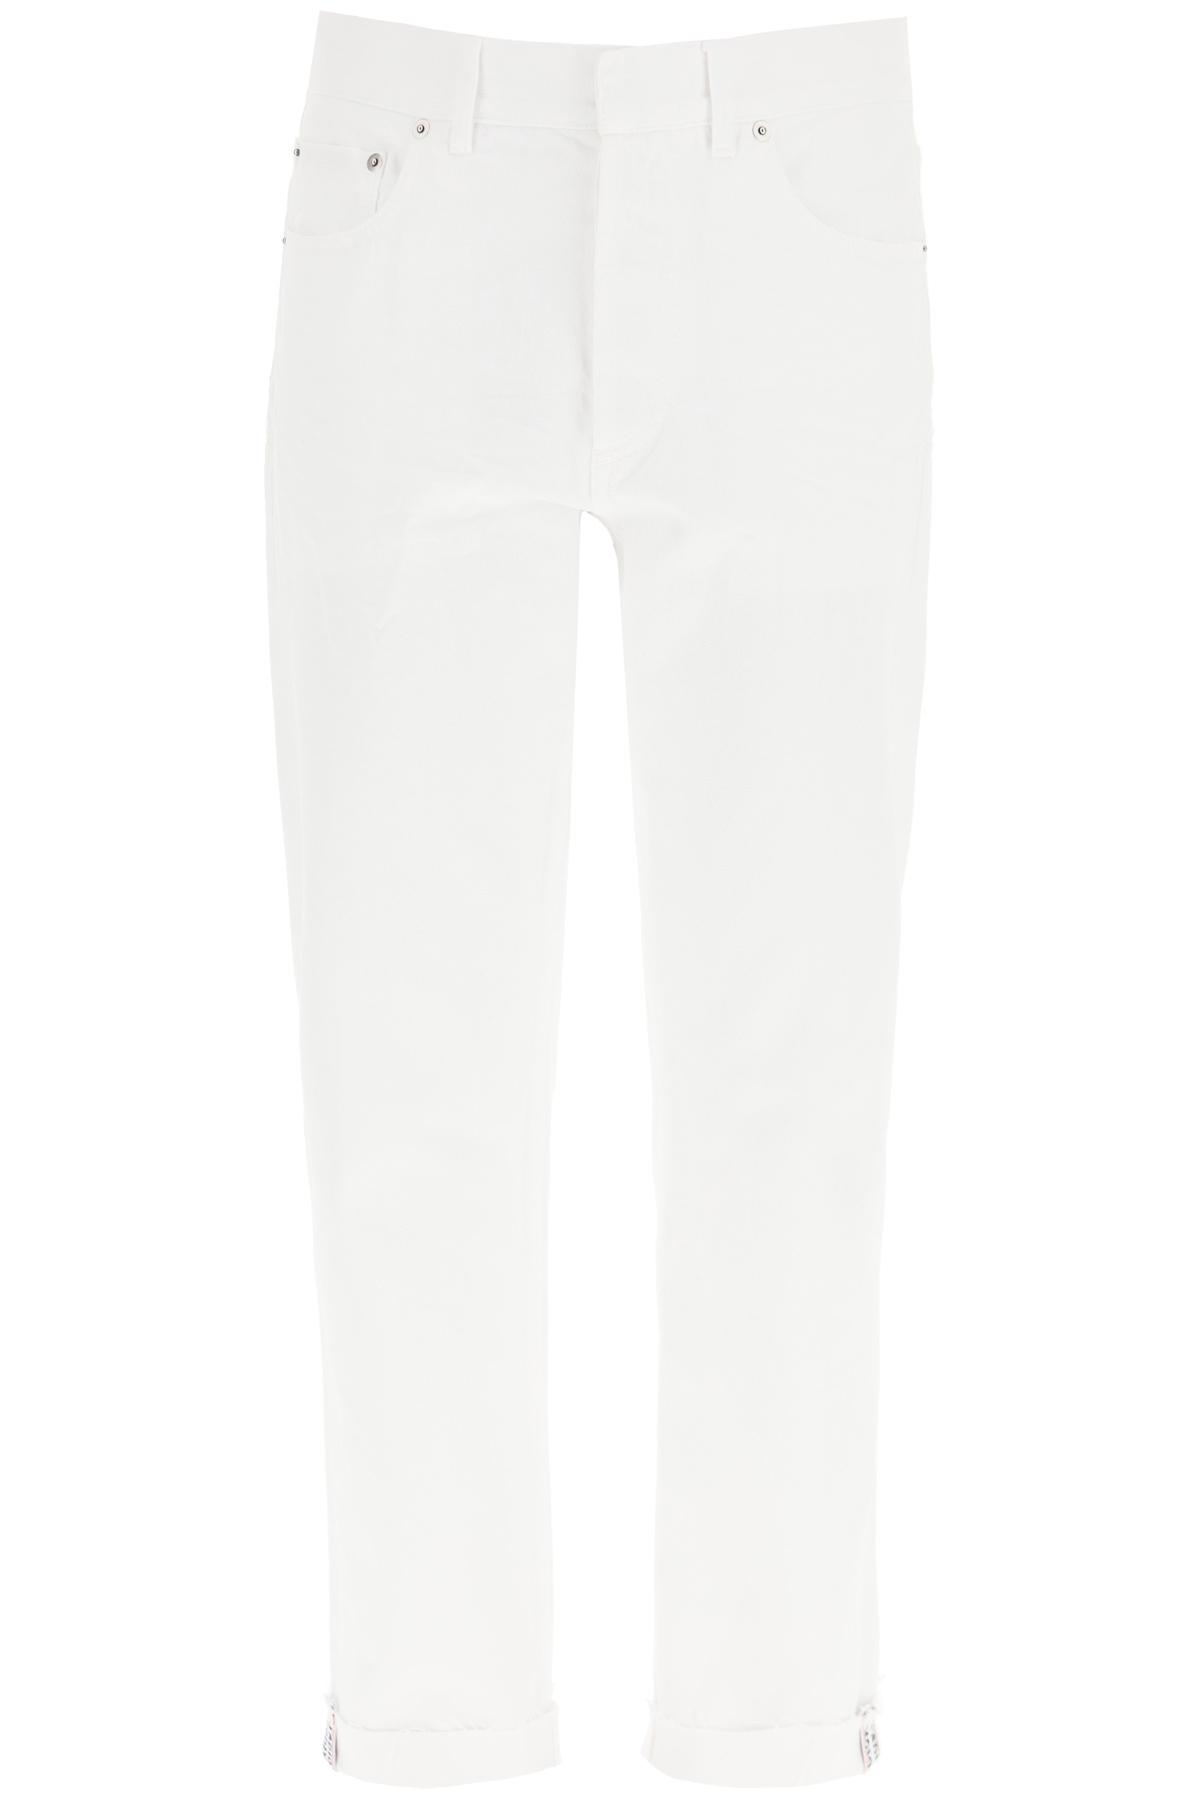 Dior boyfriend jeans